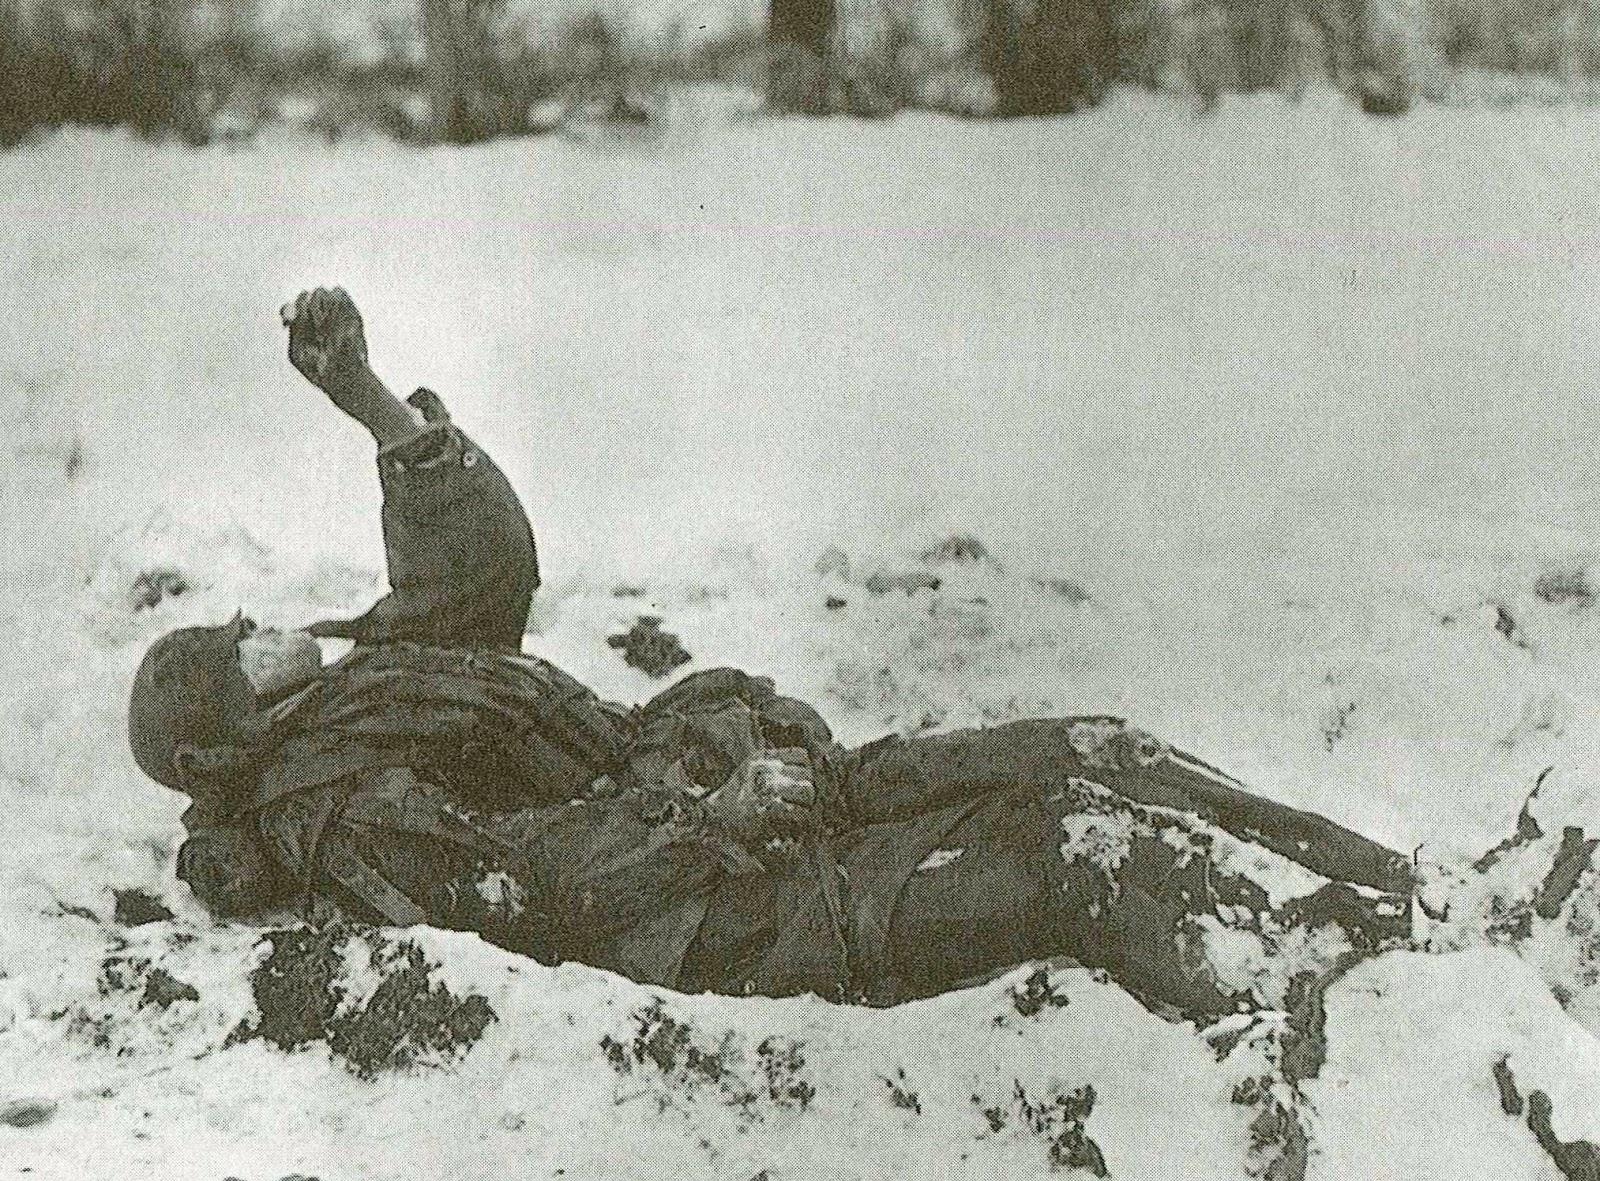 ドイツ新兵の雪山戦死 | NGO平和...